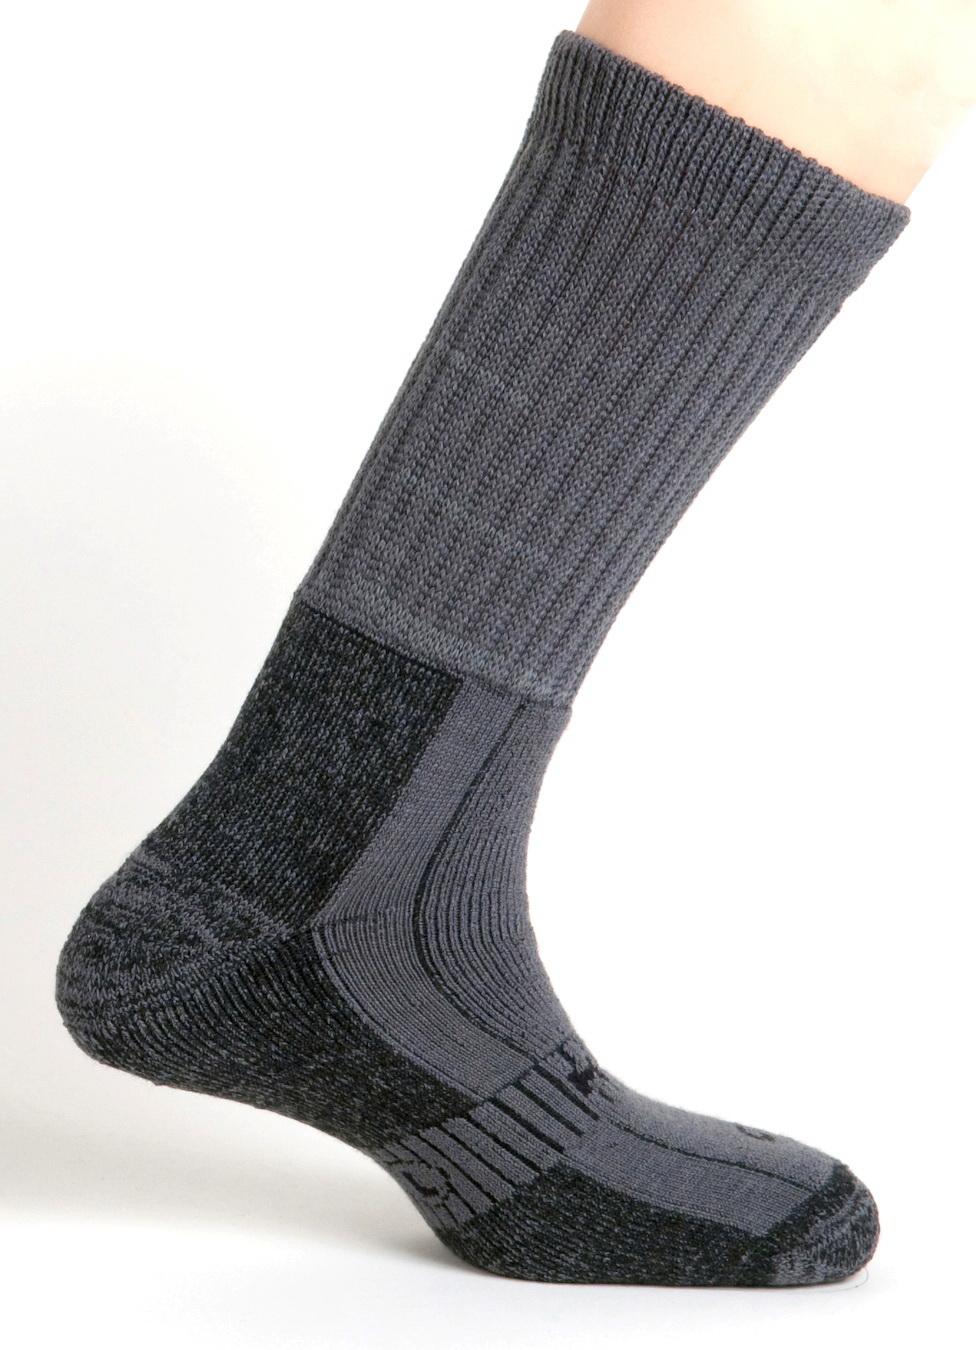 Носки MundНоски для лыж и сноуборда<br>Тип: треккинговые,<br>Размер: L,<br>Шерстяные: есть,<br>Пол: унисекс<br>